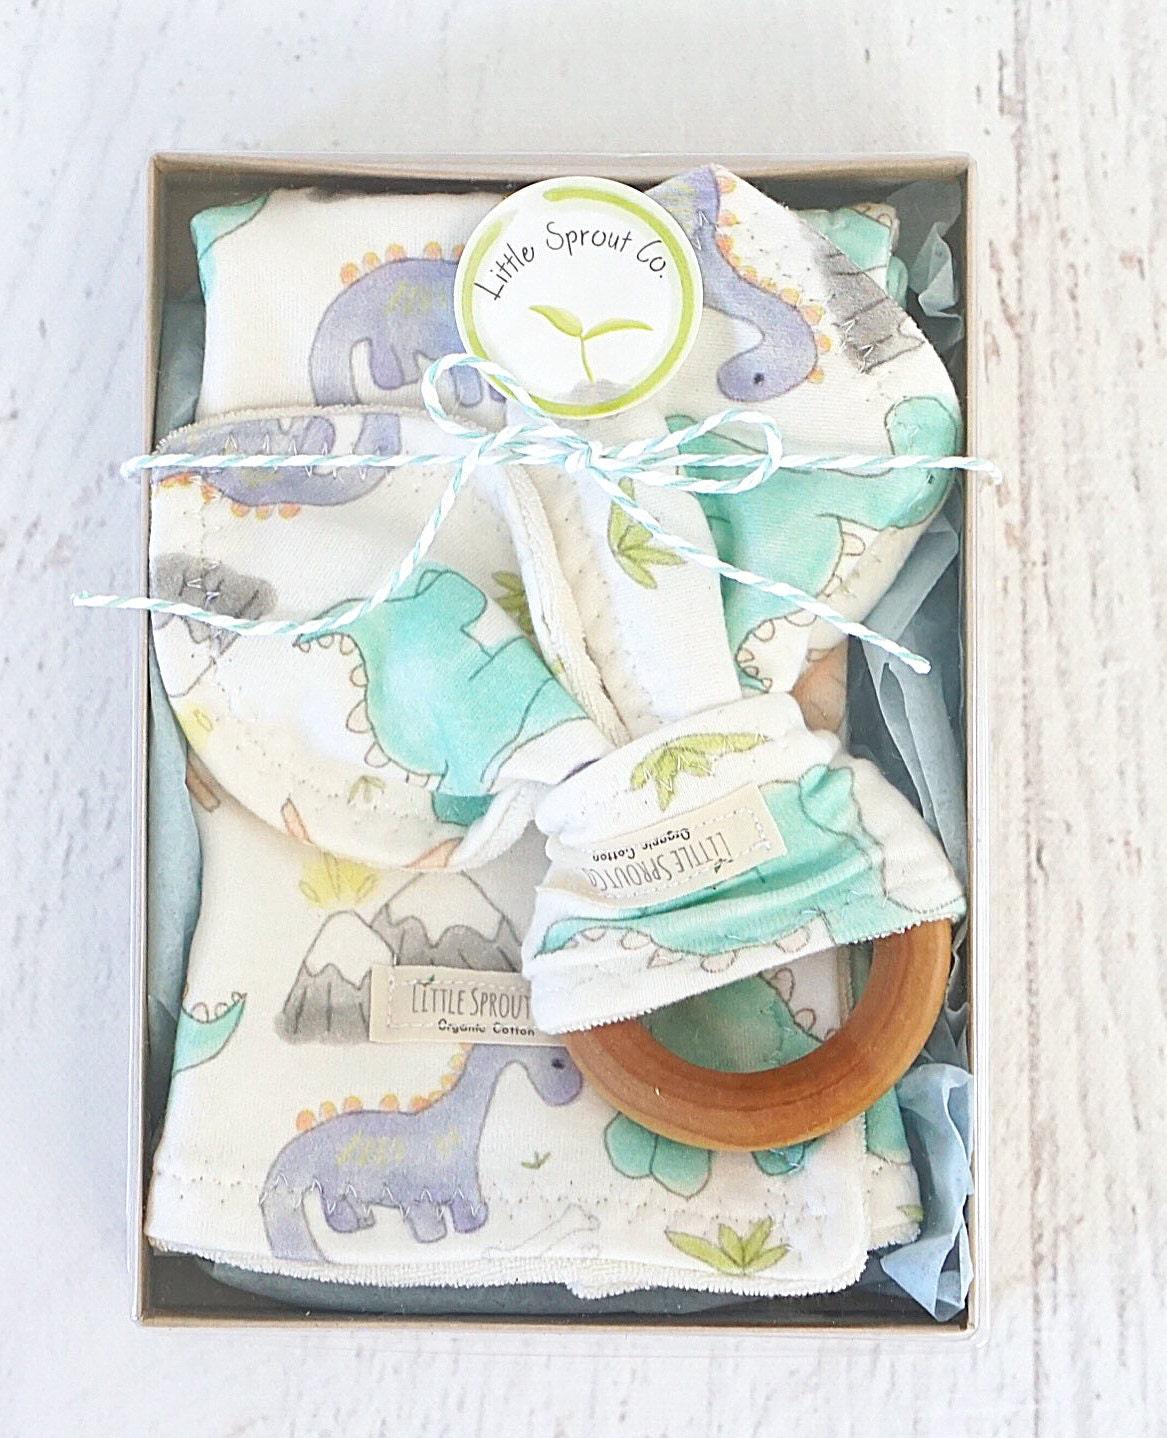 Baby Gift Organic : Baby boy gift set organic handmade compliant teething